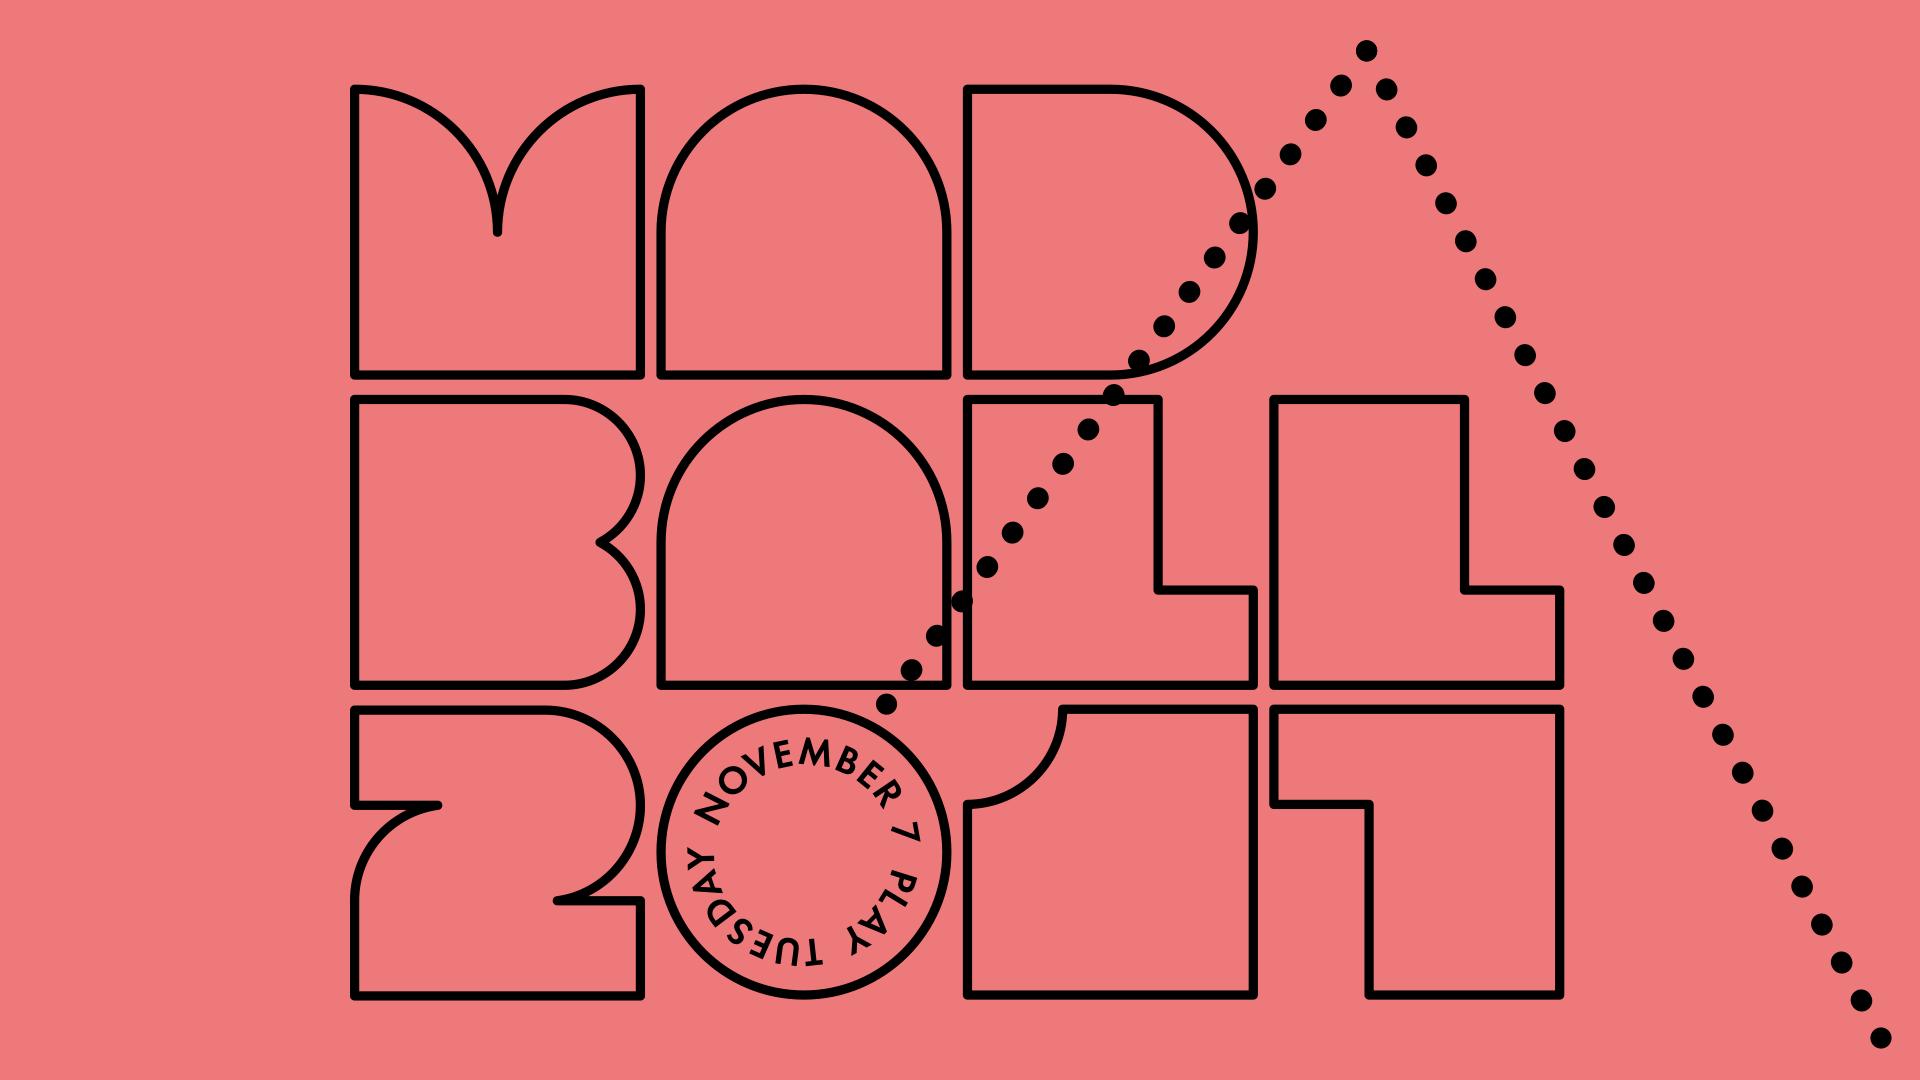 MADBall 2011 Digital Program Journal